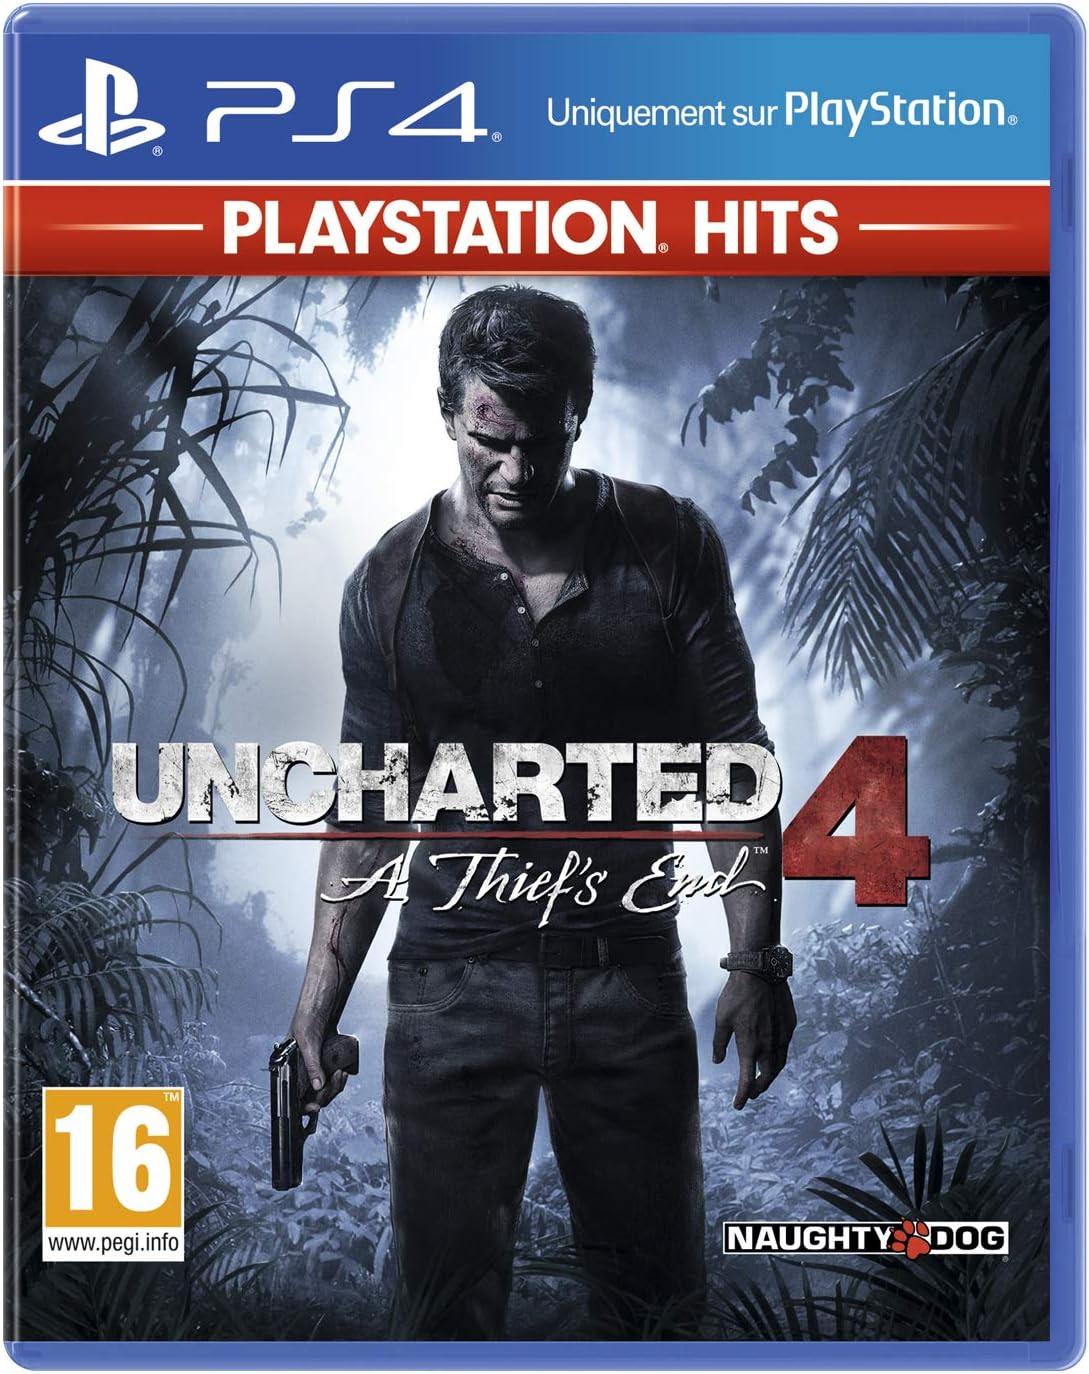 Uncharted 4 sur PS4 en promotion